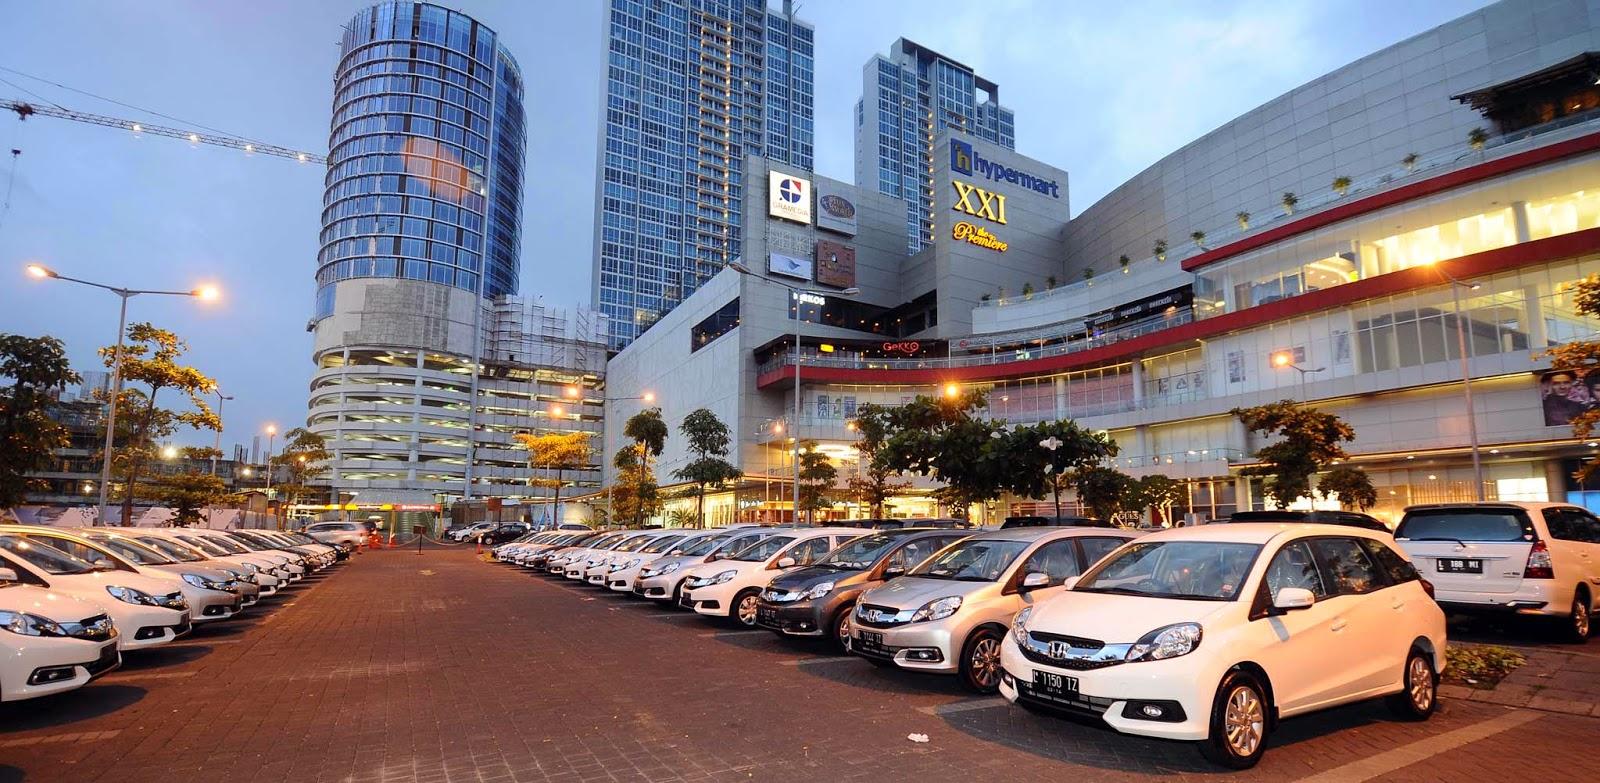 Citraland Mall Surabaya Mall Ciputra World Surabaya